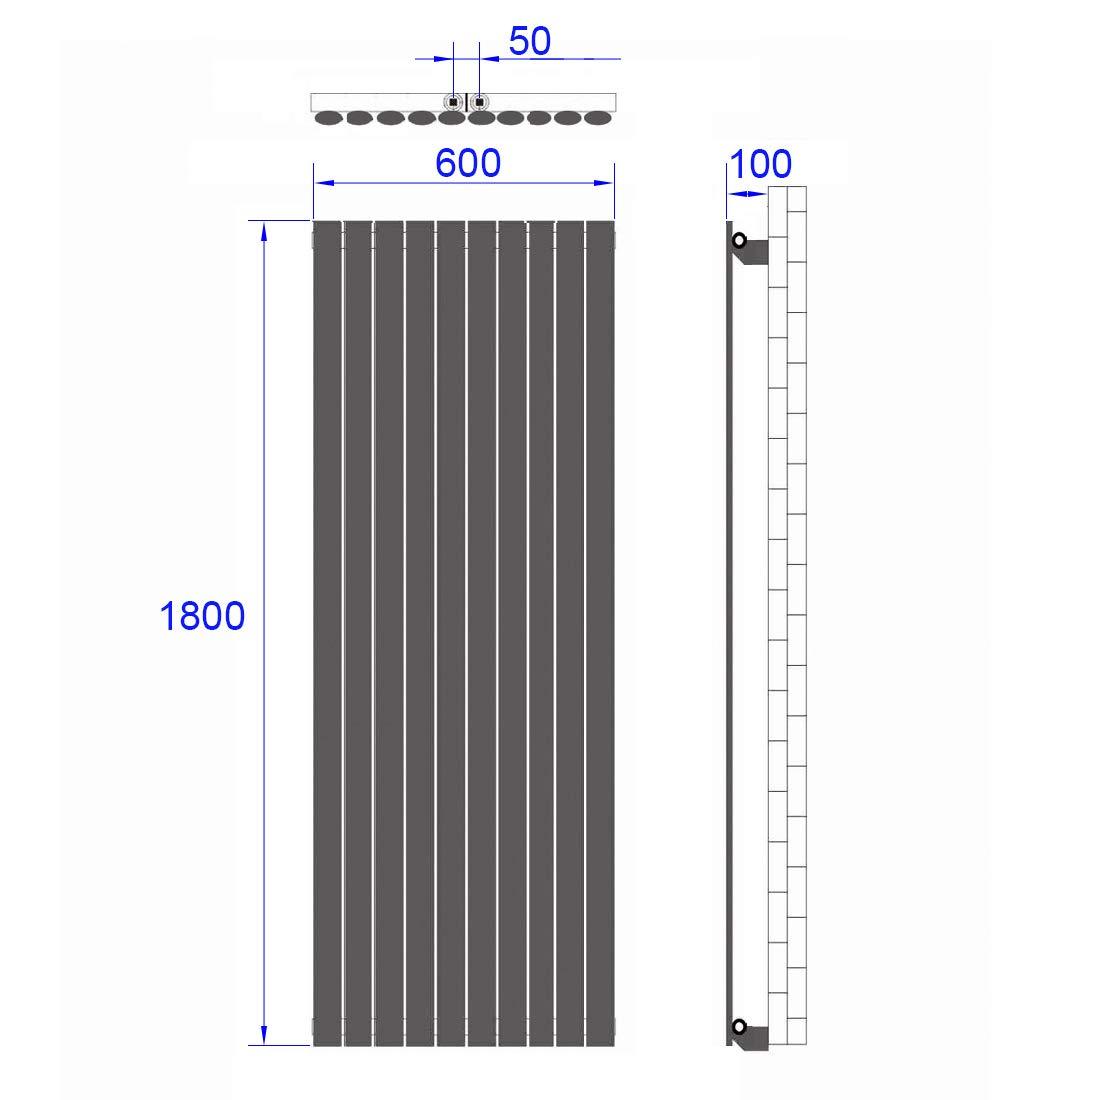 Heizk/örper Design-Heizk/örper Wei/ß Vertikal 1800x480mm Heizung Mittelanschluss Doppellagig 1814W